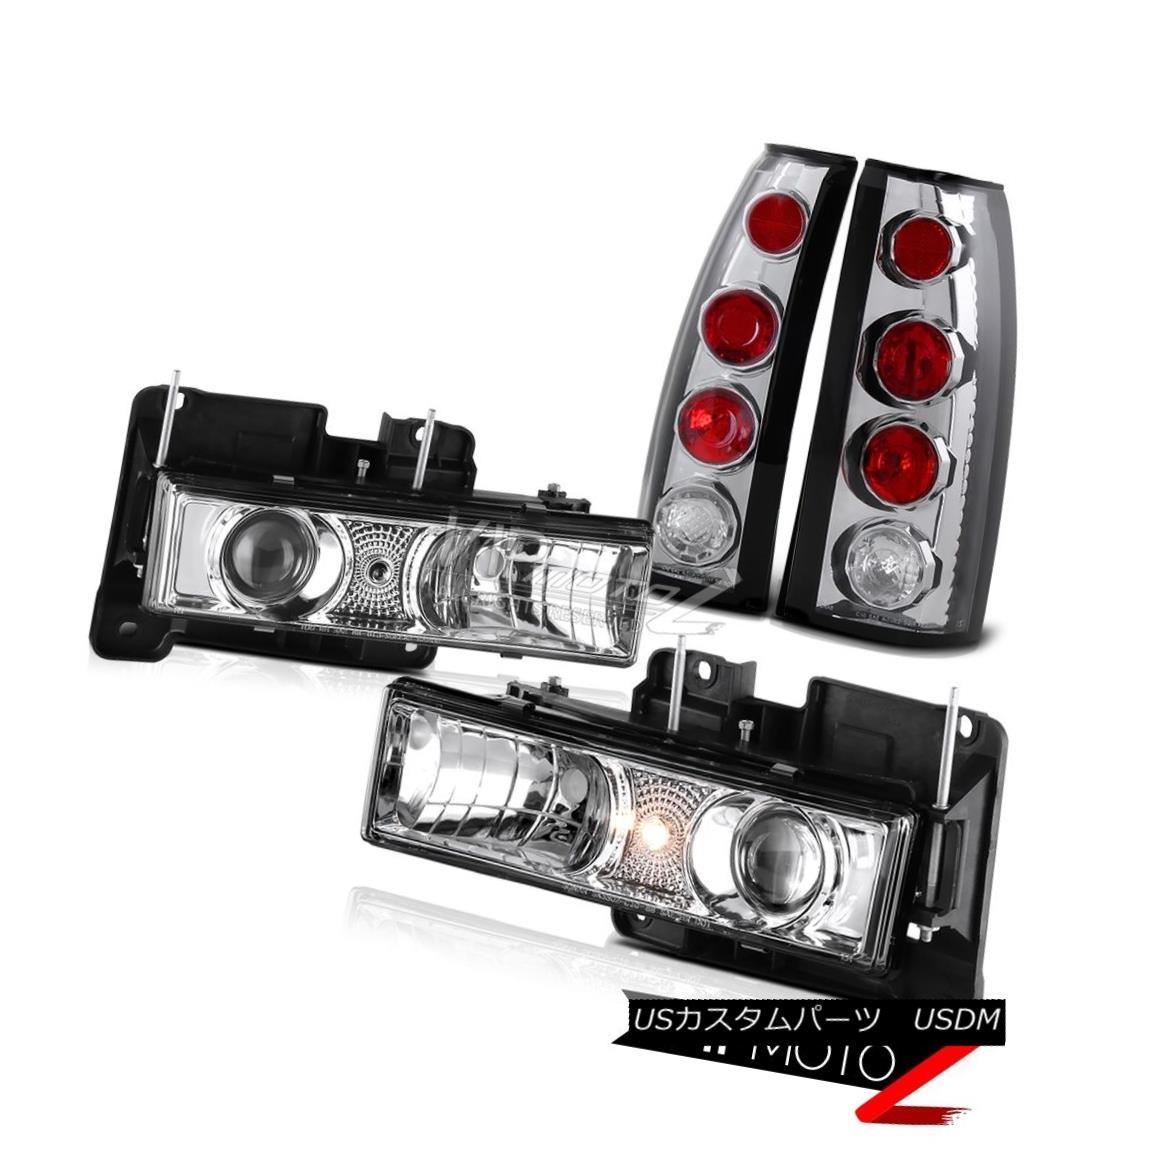 ヘッドライト Chrome Projector Headlights+Clear Red Rear Brake Tail Lights Lamp LED LEFT+RIGHT クロームプロジェクターヘッドライト+ Cle  ar赤色リアブレーキテールライトランプLED LEFT + RIGHT